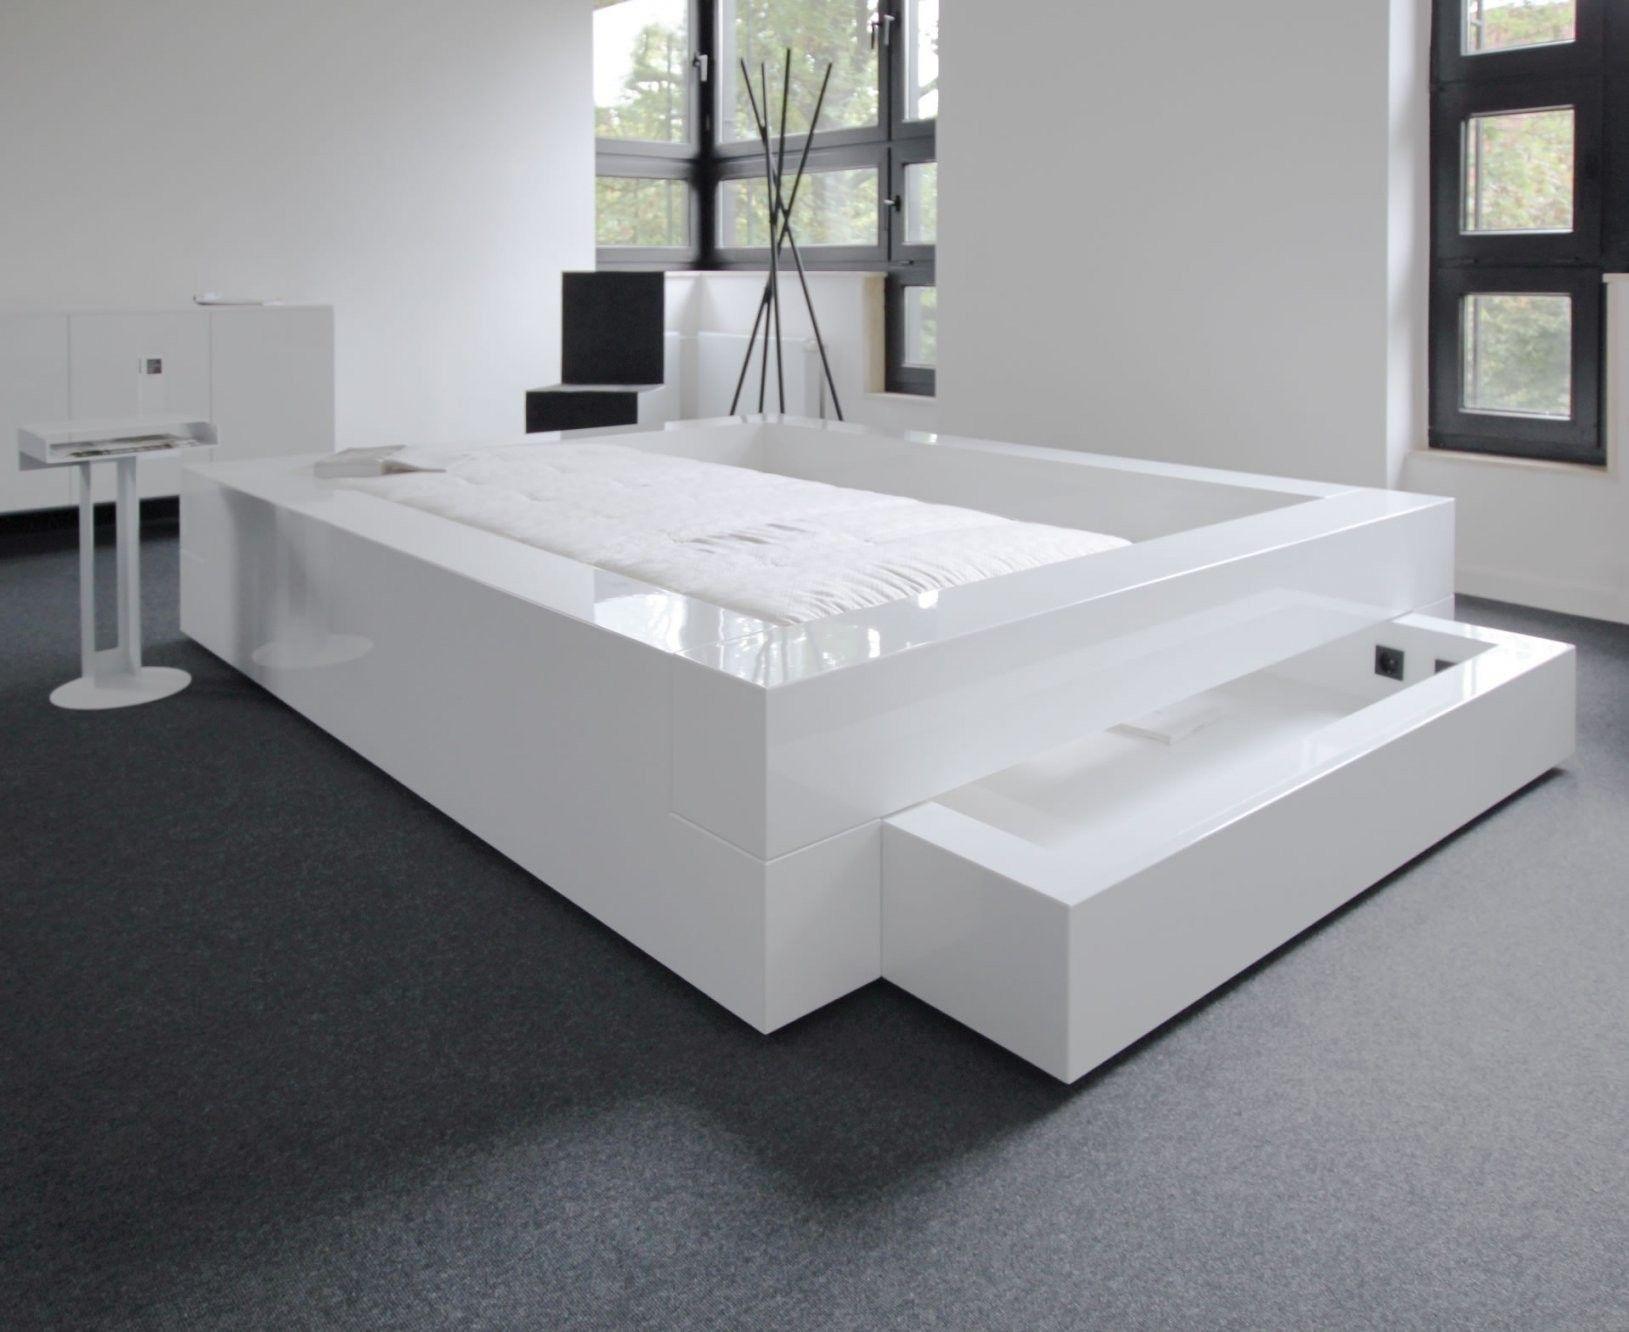 Bett Somnium Mit Bettkasten Von Designer Bett 200x200 In 2020 Designer Bett Bett Mit Bettkasten Eckschrank